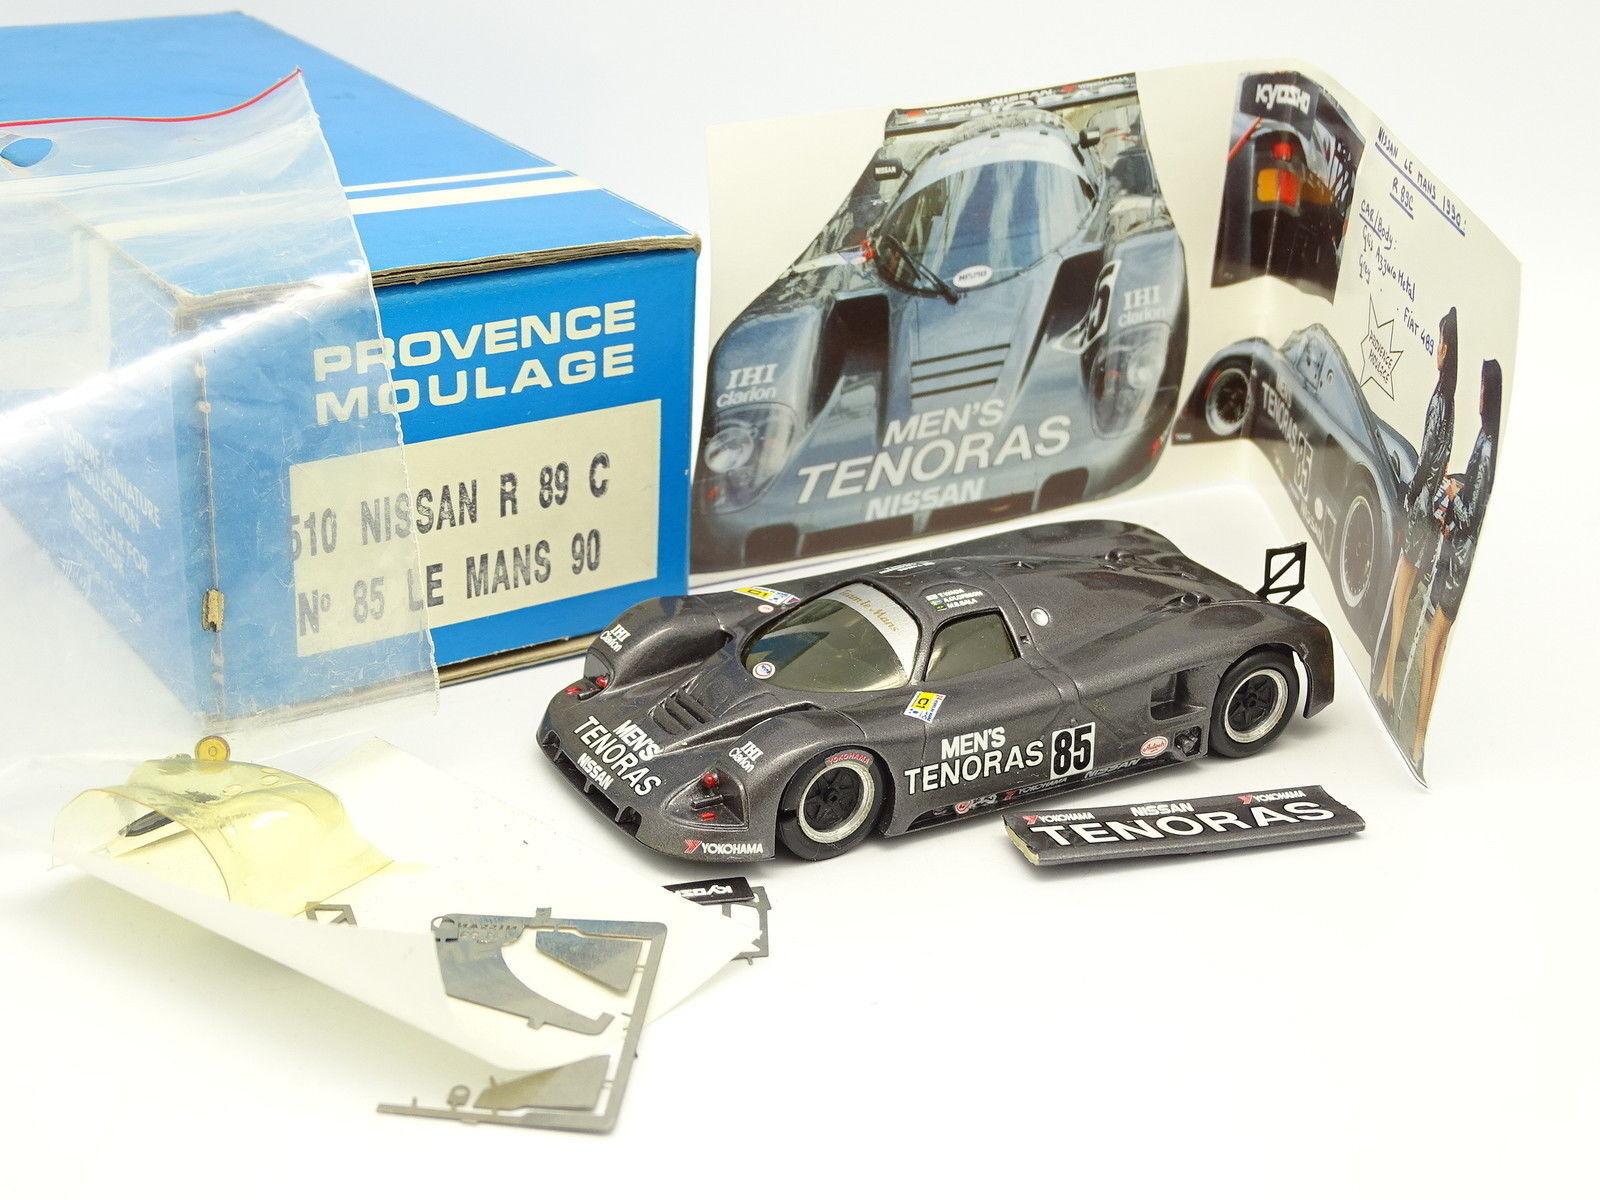 Provence Moulage Kit à monter 1 43 - Nissan R89 C NR ° 85 Le Mans 1990